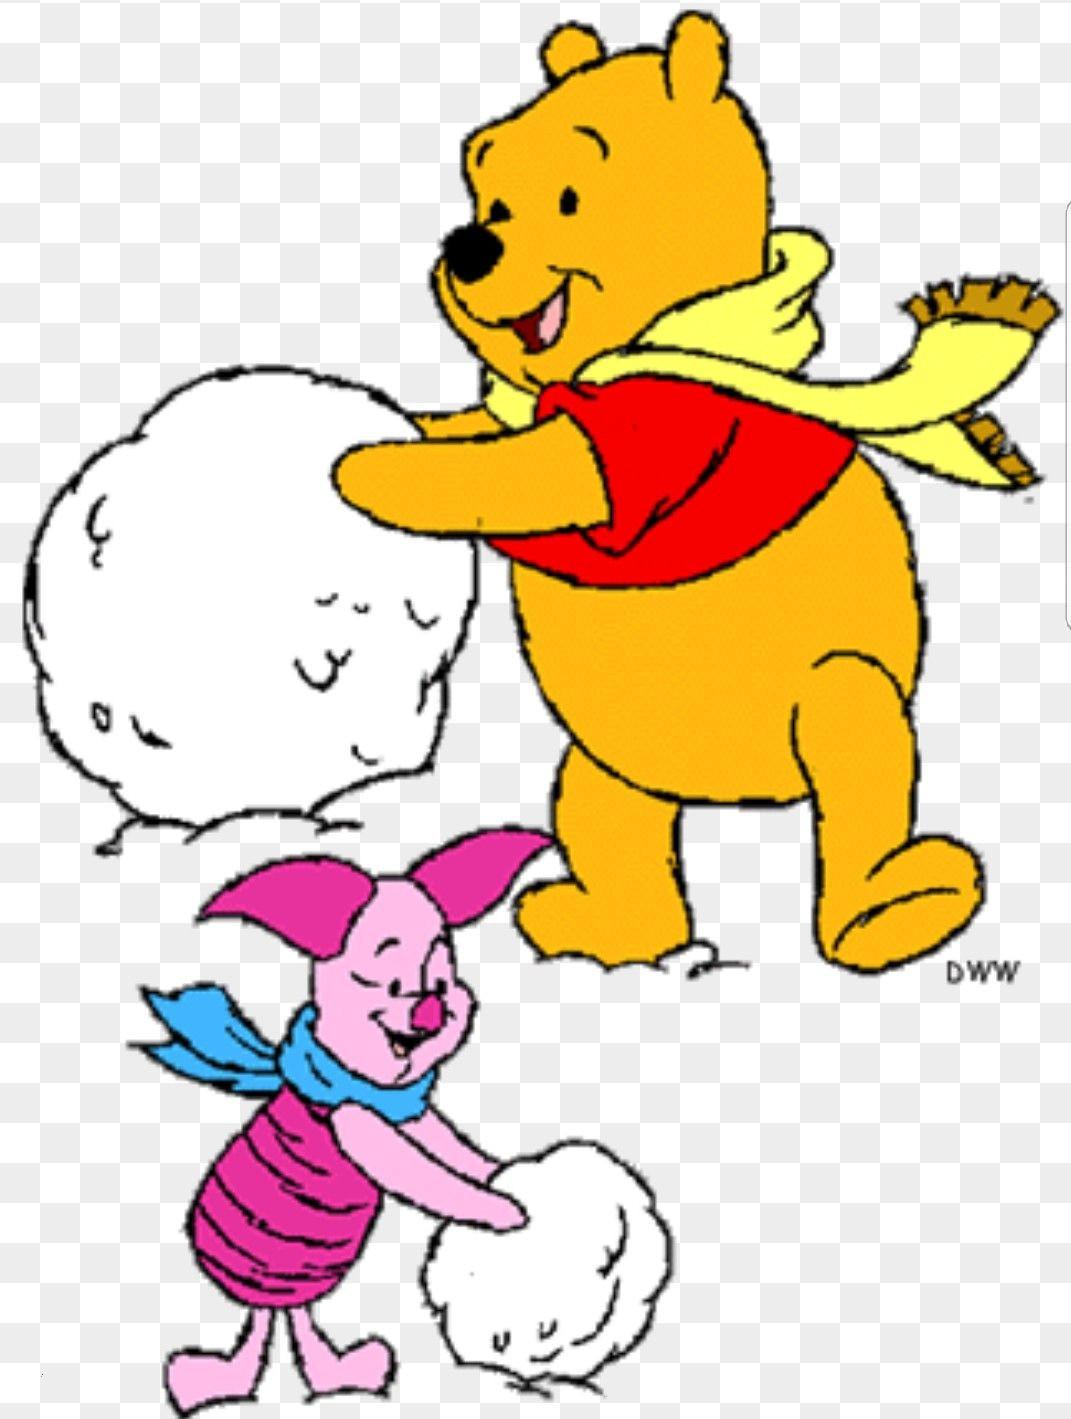 Ausmalbilder Winnie Pooh Und Seine Freunde Malvorlagen Das Beste Von 37 Ausmalbilder Winnie Puuh Scoredatscore Einzigartig Ausmalbilder Stock